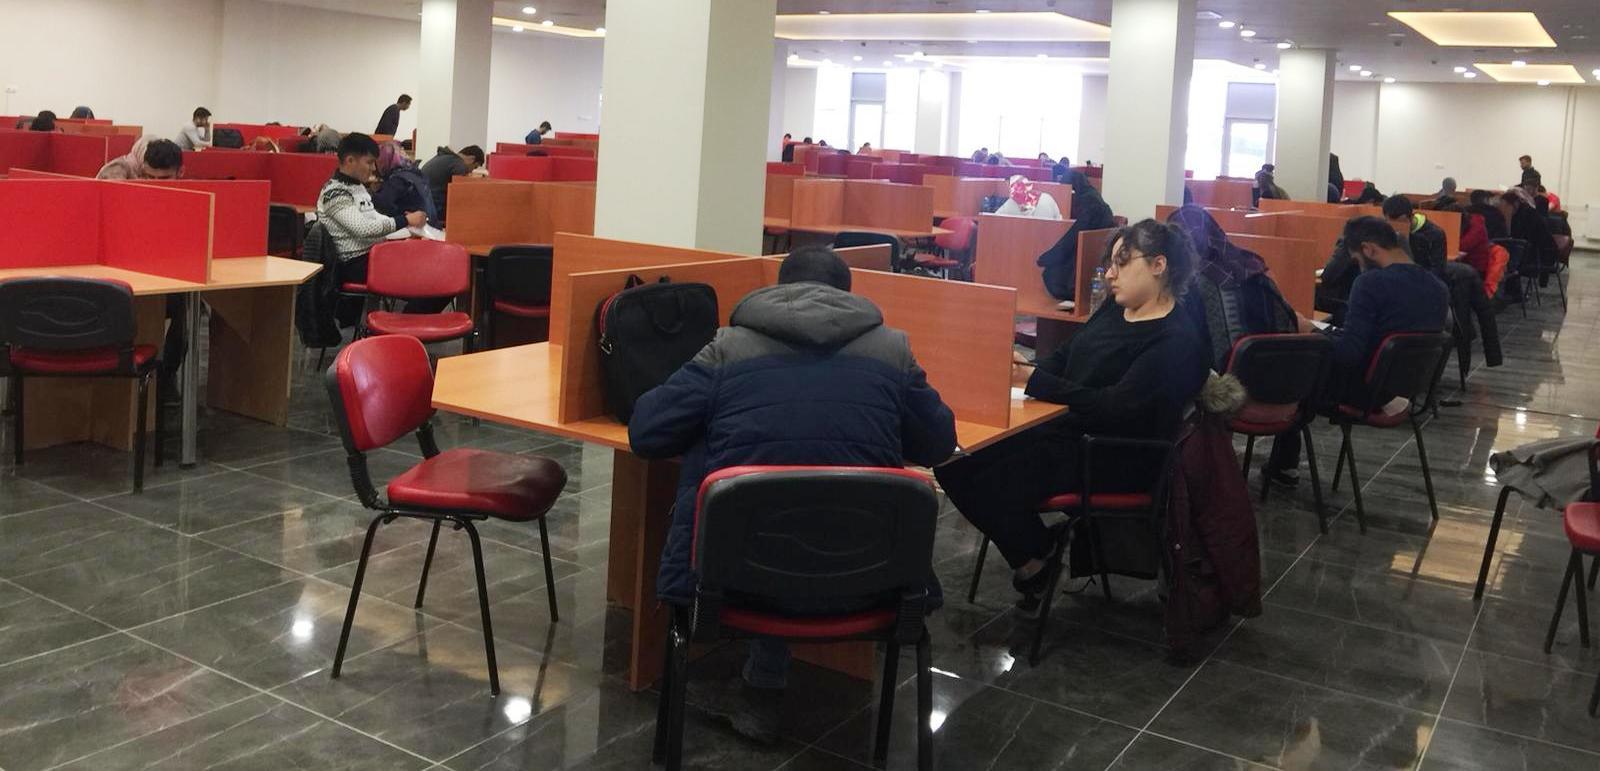 Kütüphaneler dolup taştı!